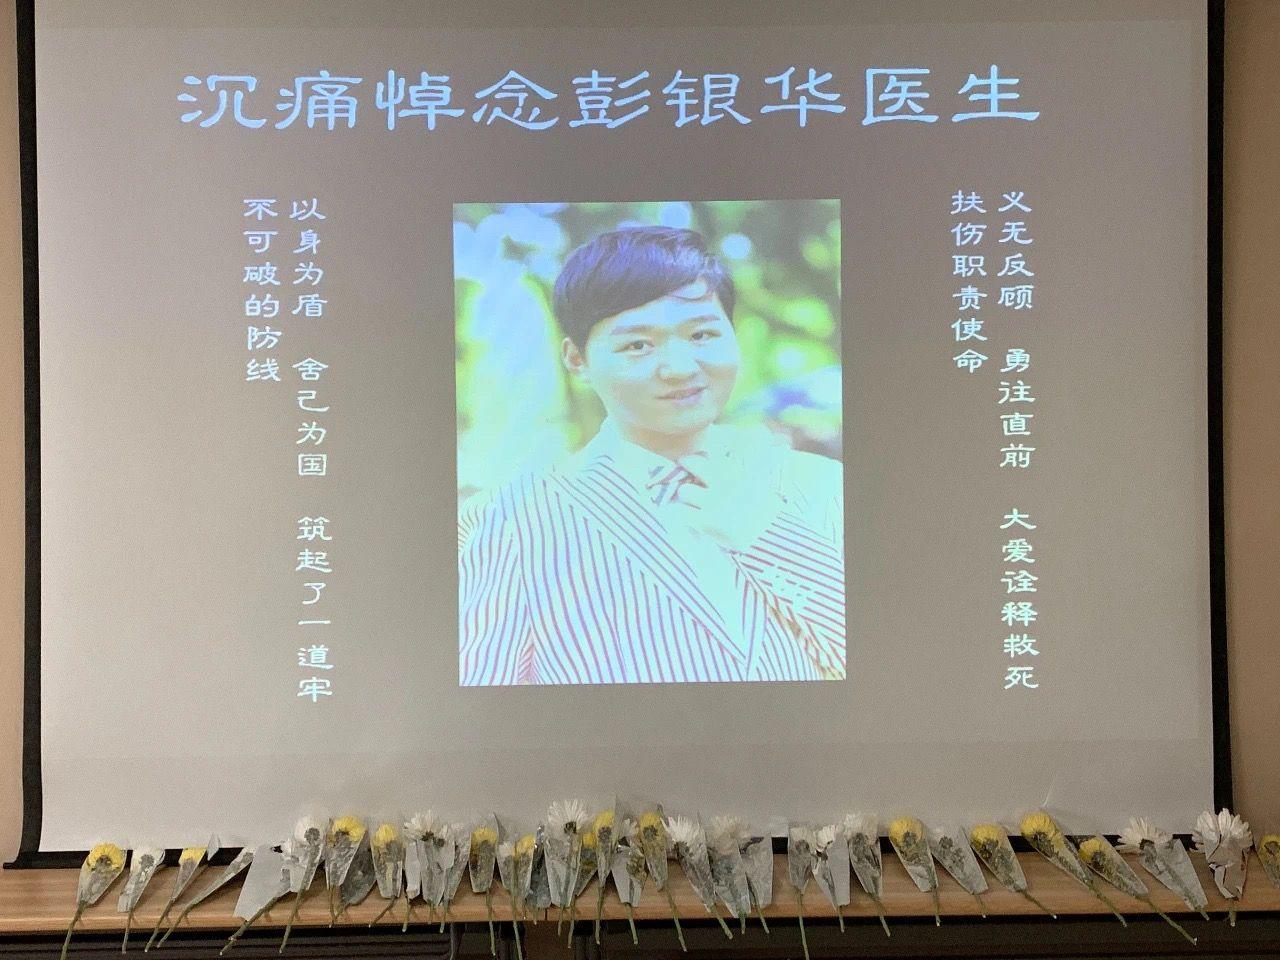 逝者丨29岁殉职医生彭银华的最后20天图片